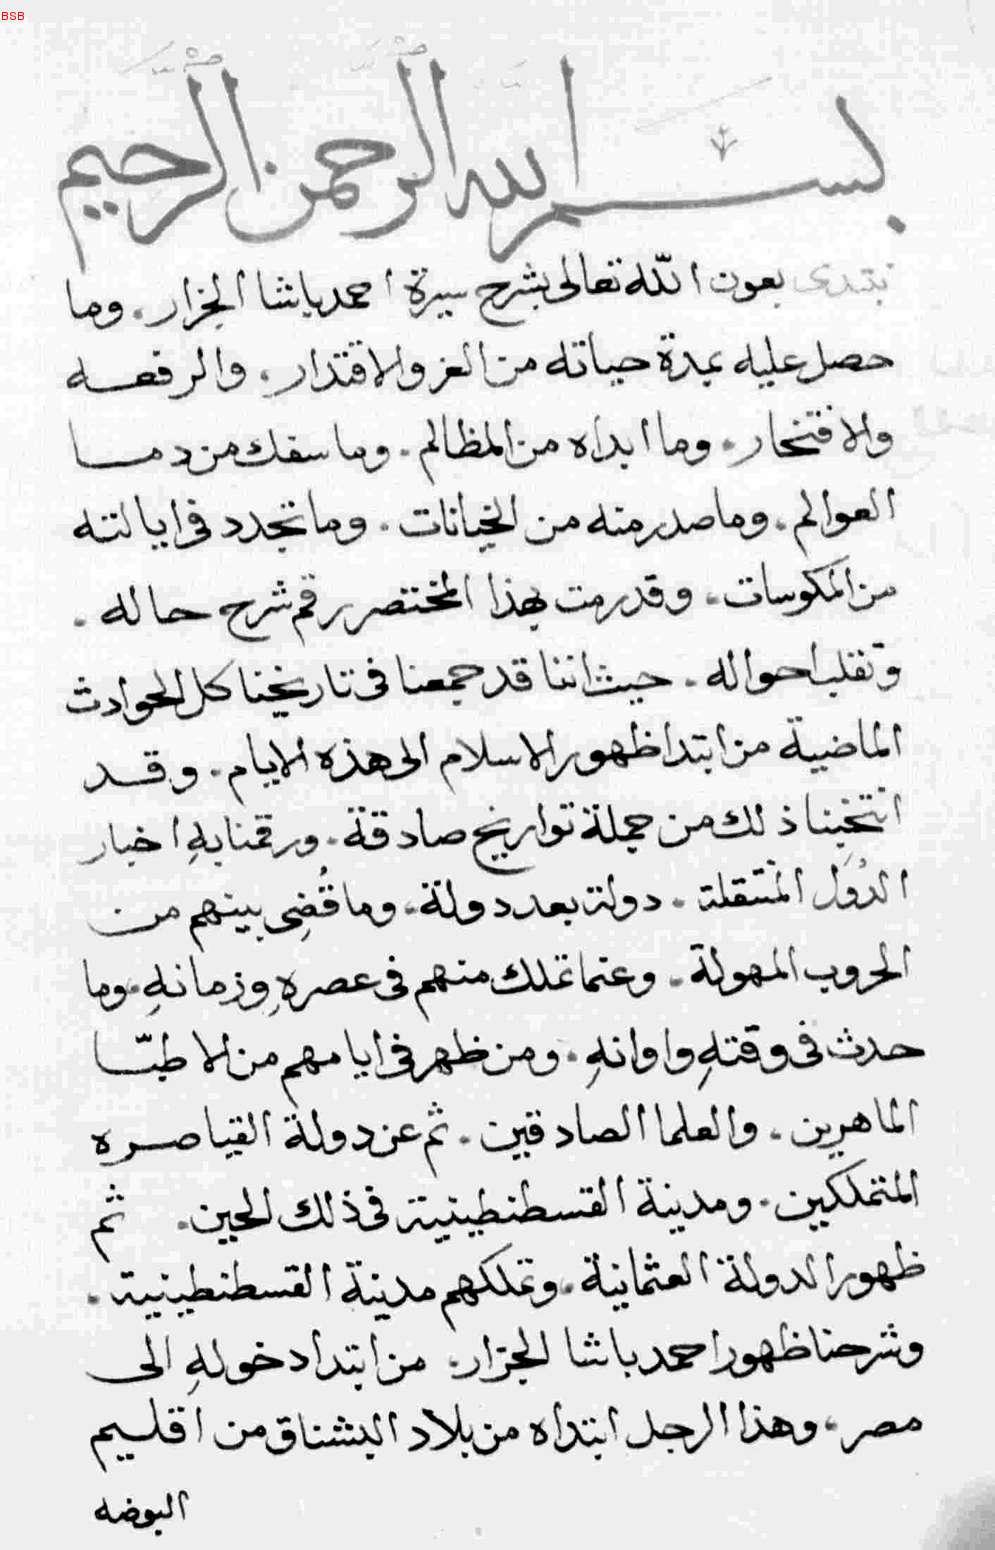 مركز الفقيه العاملي لإحياء التراث / تاریخ لبنان العام